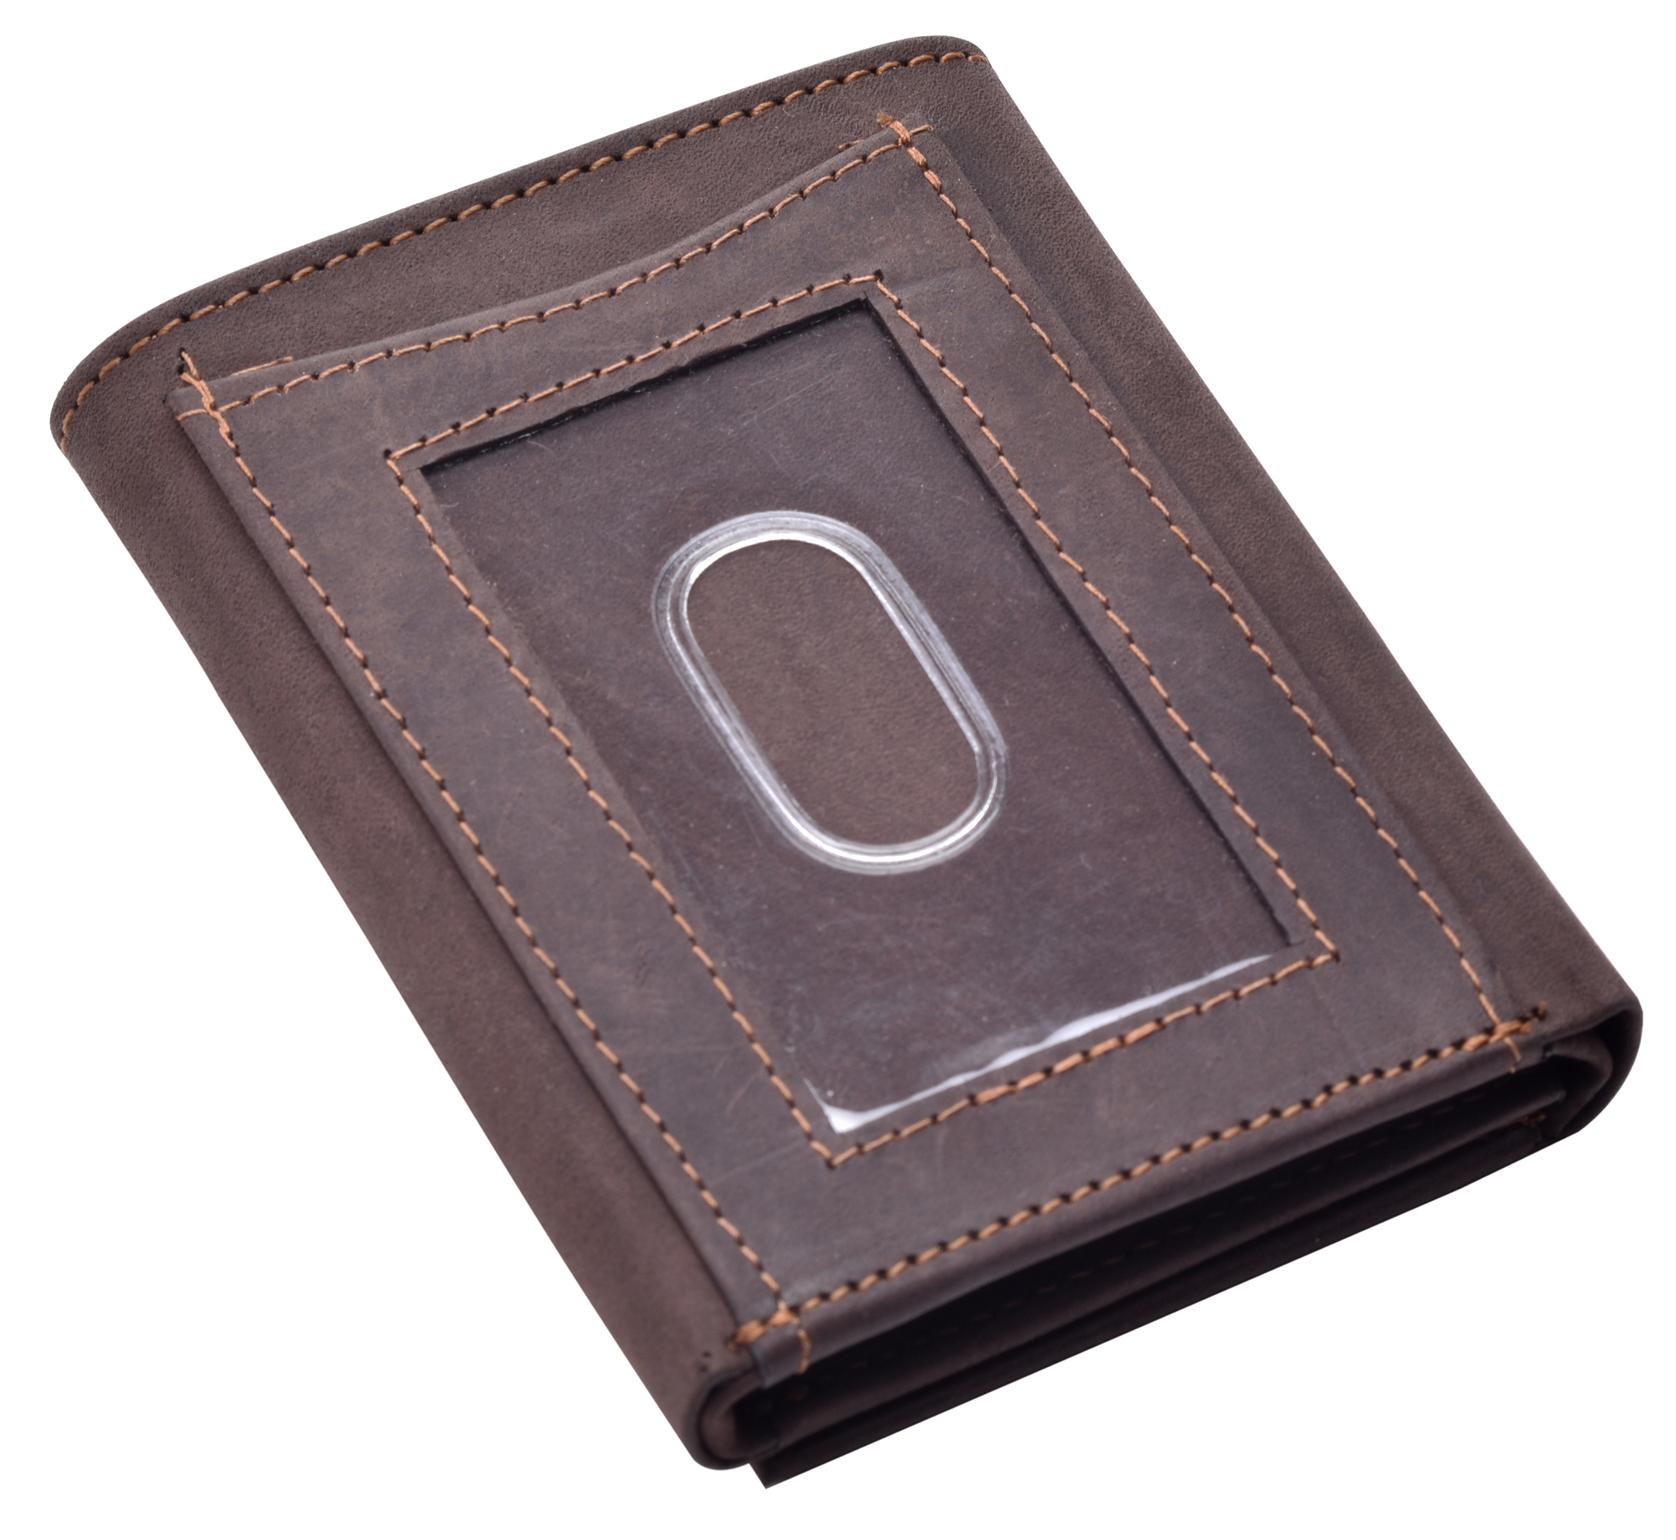 Homme-effet-vieilli-Cuir-Veritable-Trifold-Wallet-Purse-RFID-Bloquant-Marron-Noir miniature 9